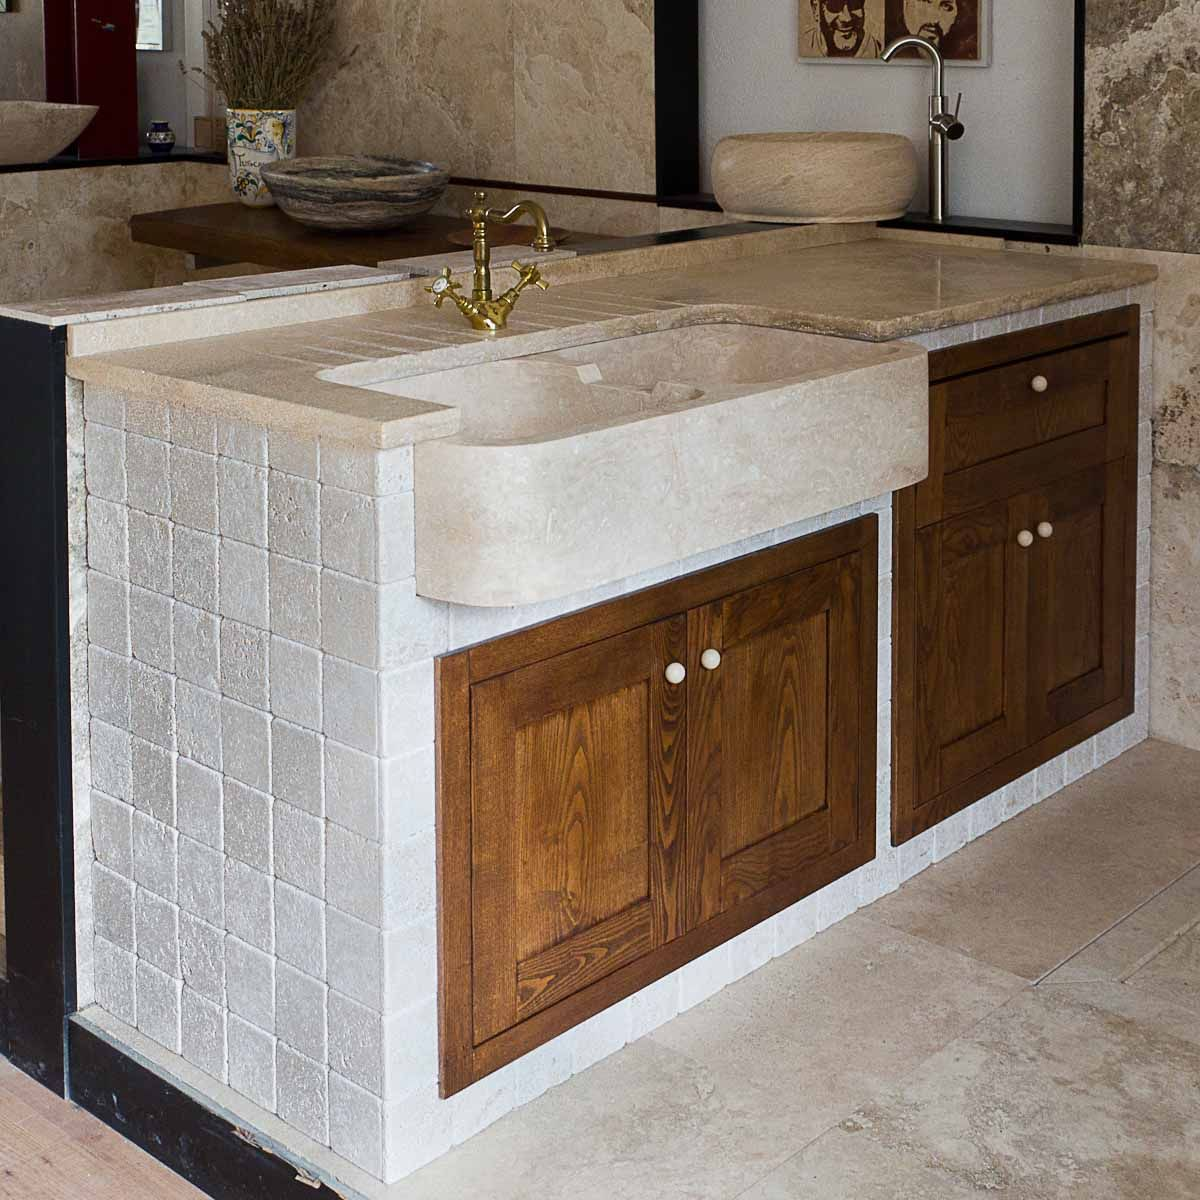 Nel catalogo di lavabi da cucina di Pietre di Rapolano troverete ...